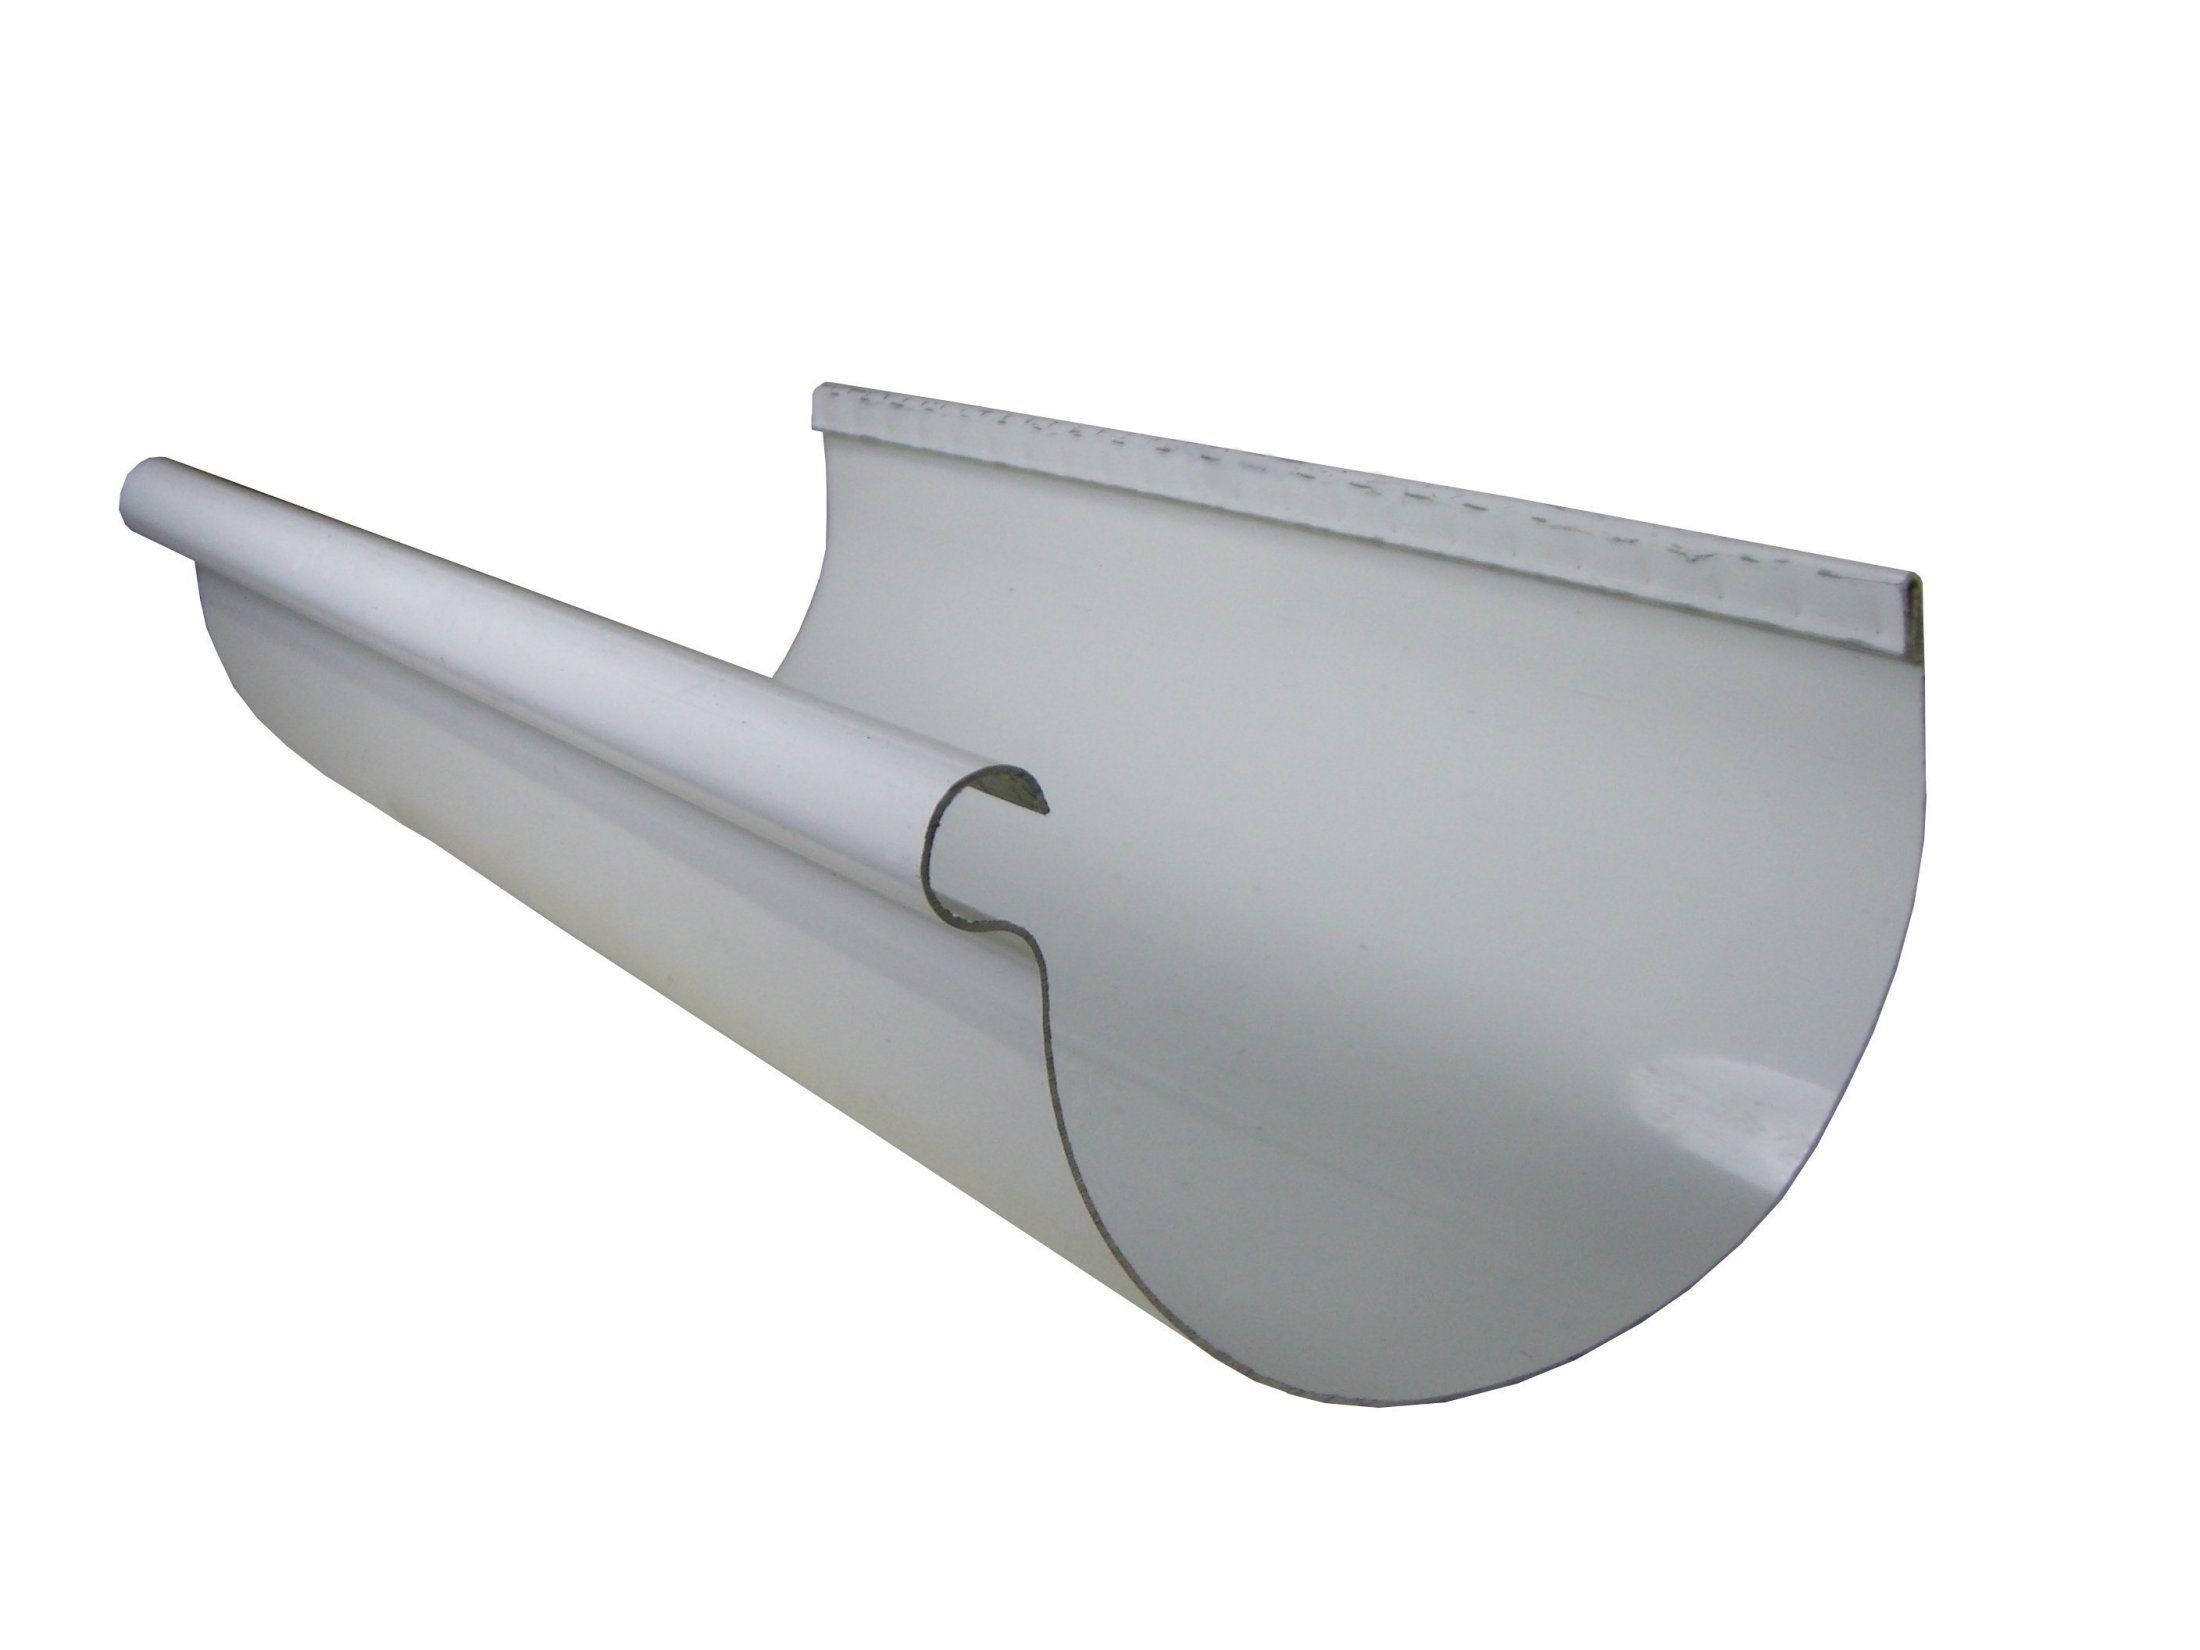 Aluminum Half Round Gutter Available At Http Www Guttersupply Com P Gutters Gstml Gutters Menards Gutter